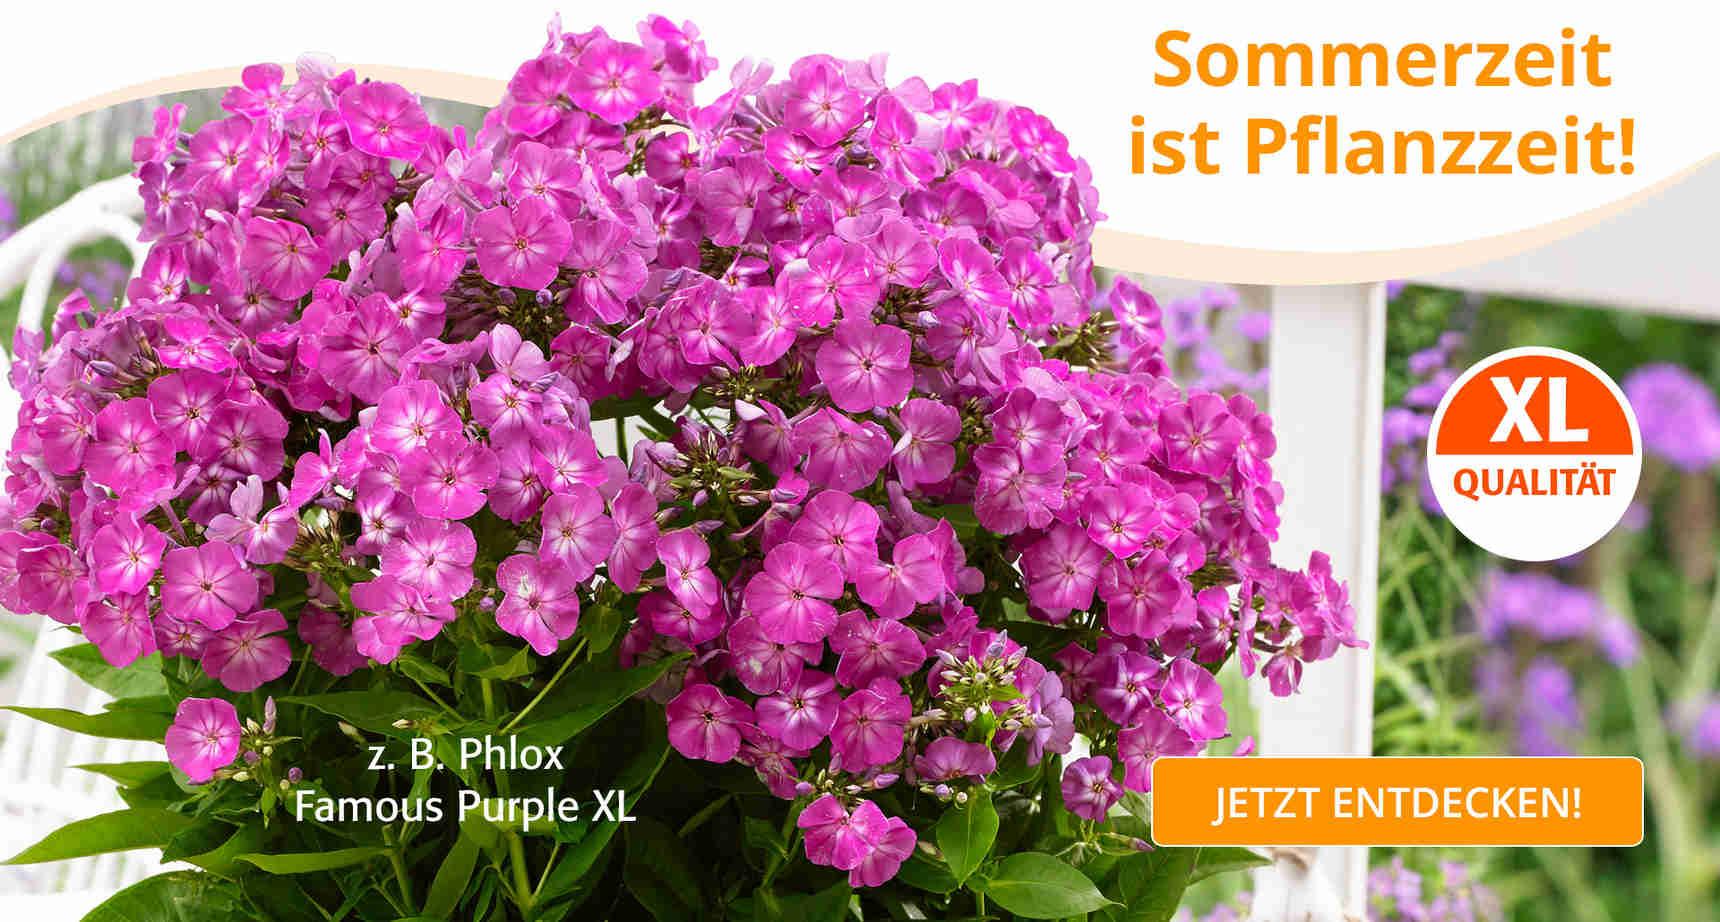 +++ (1) XL-Pflanzen +++ - 1